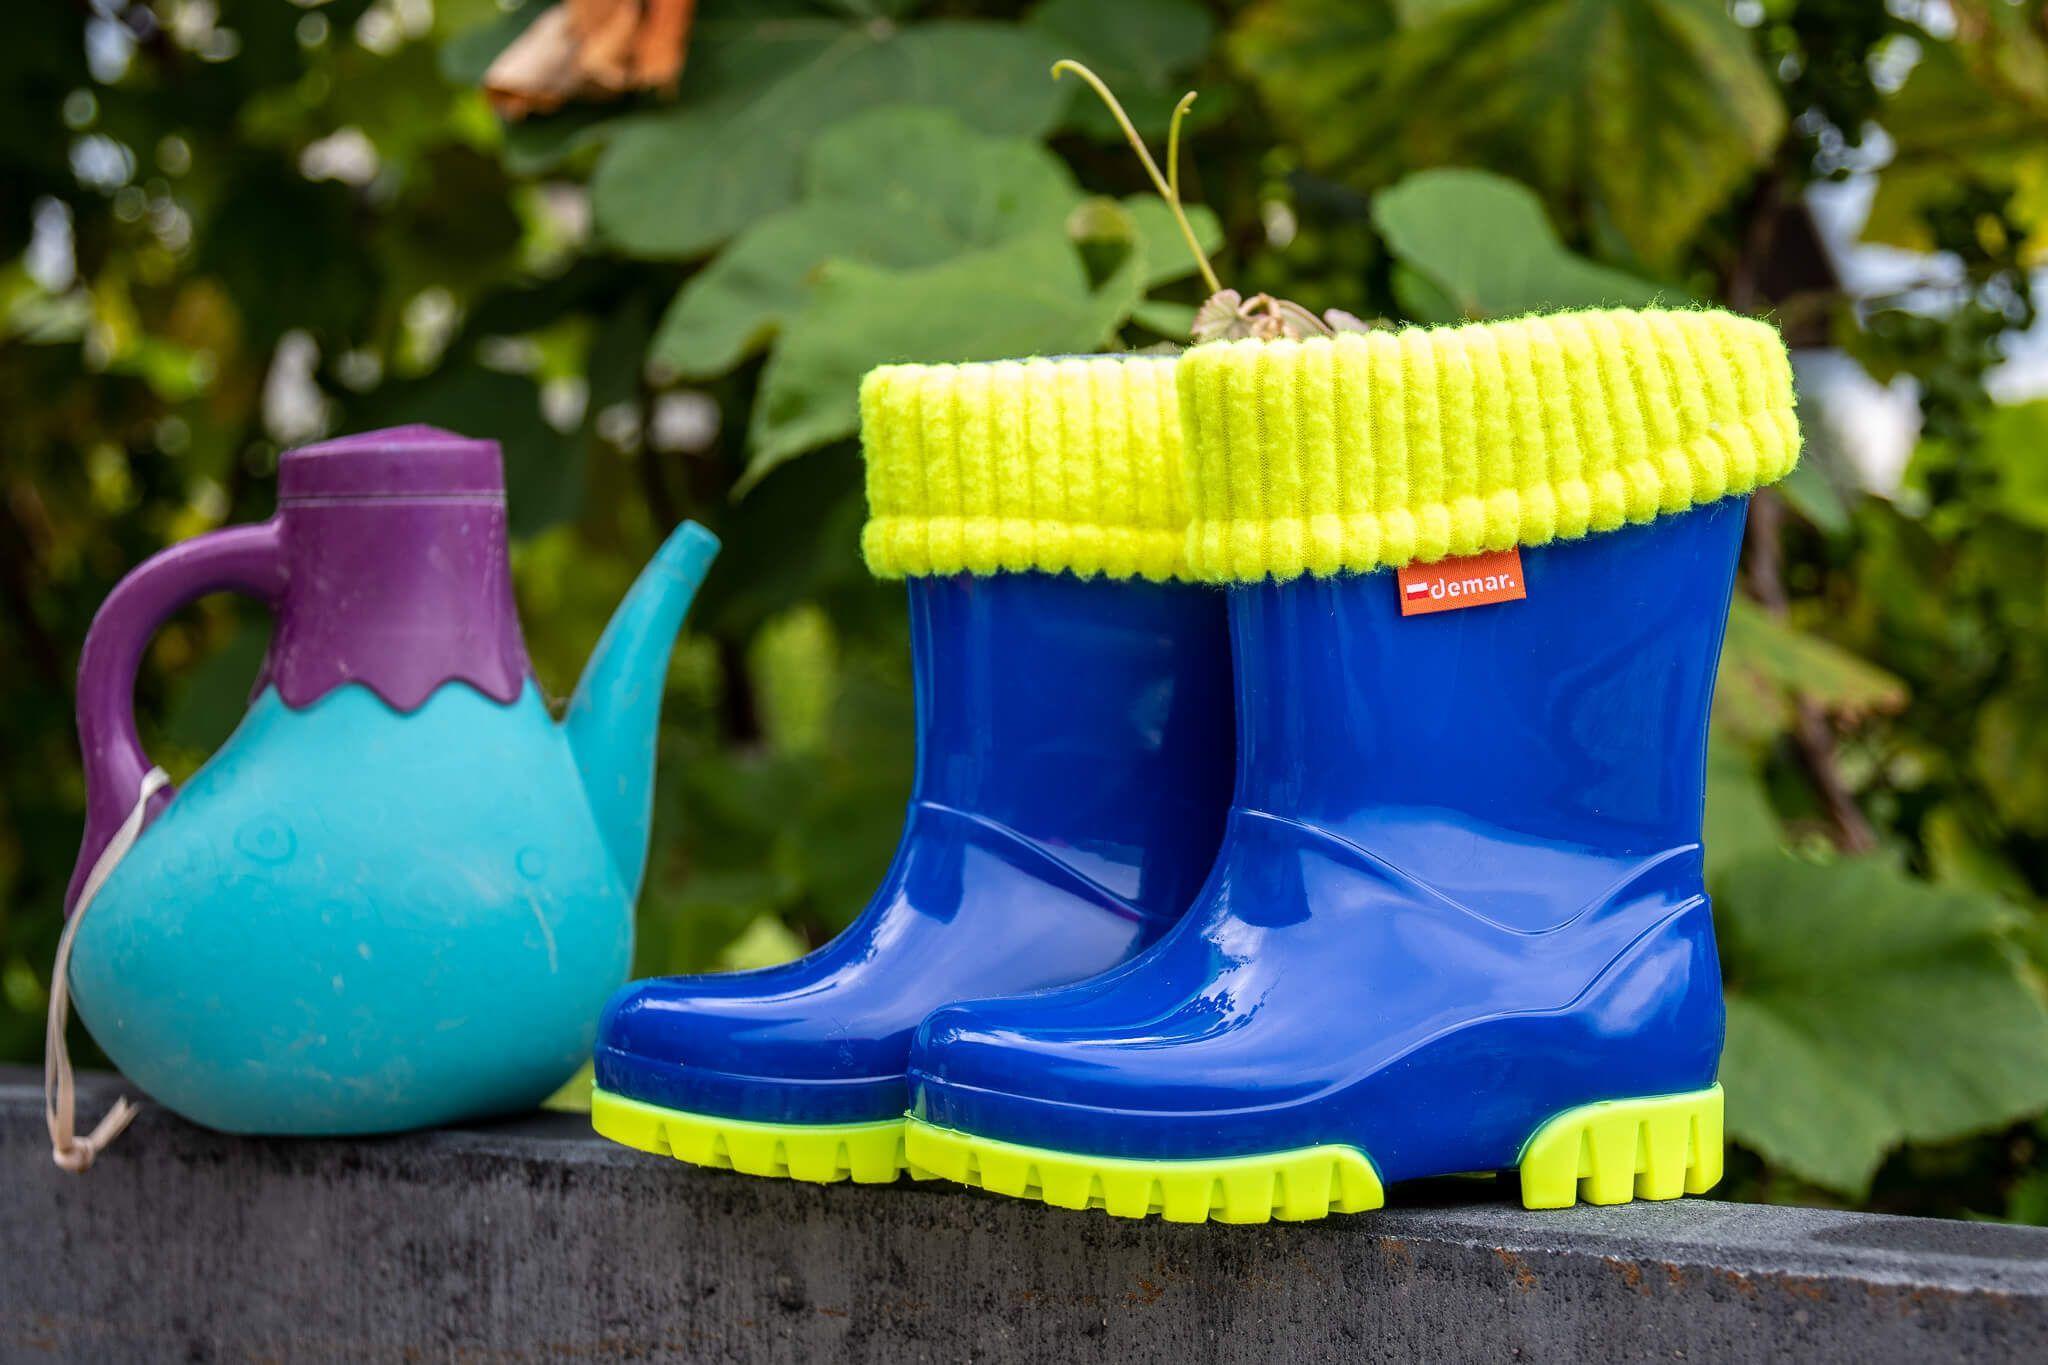 Kalosze Ocieplane Dla Dzieci Niebieskie Gumowce Dzieciece Gumiaki Demar Fluo A 20 27 Rain Boots Rubber Rain Boots Shoes